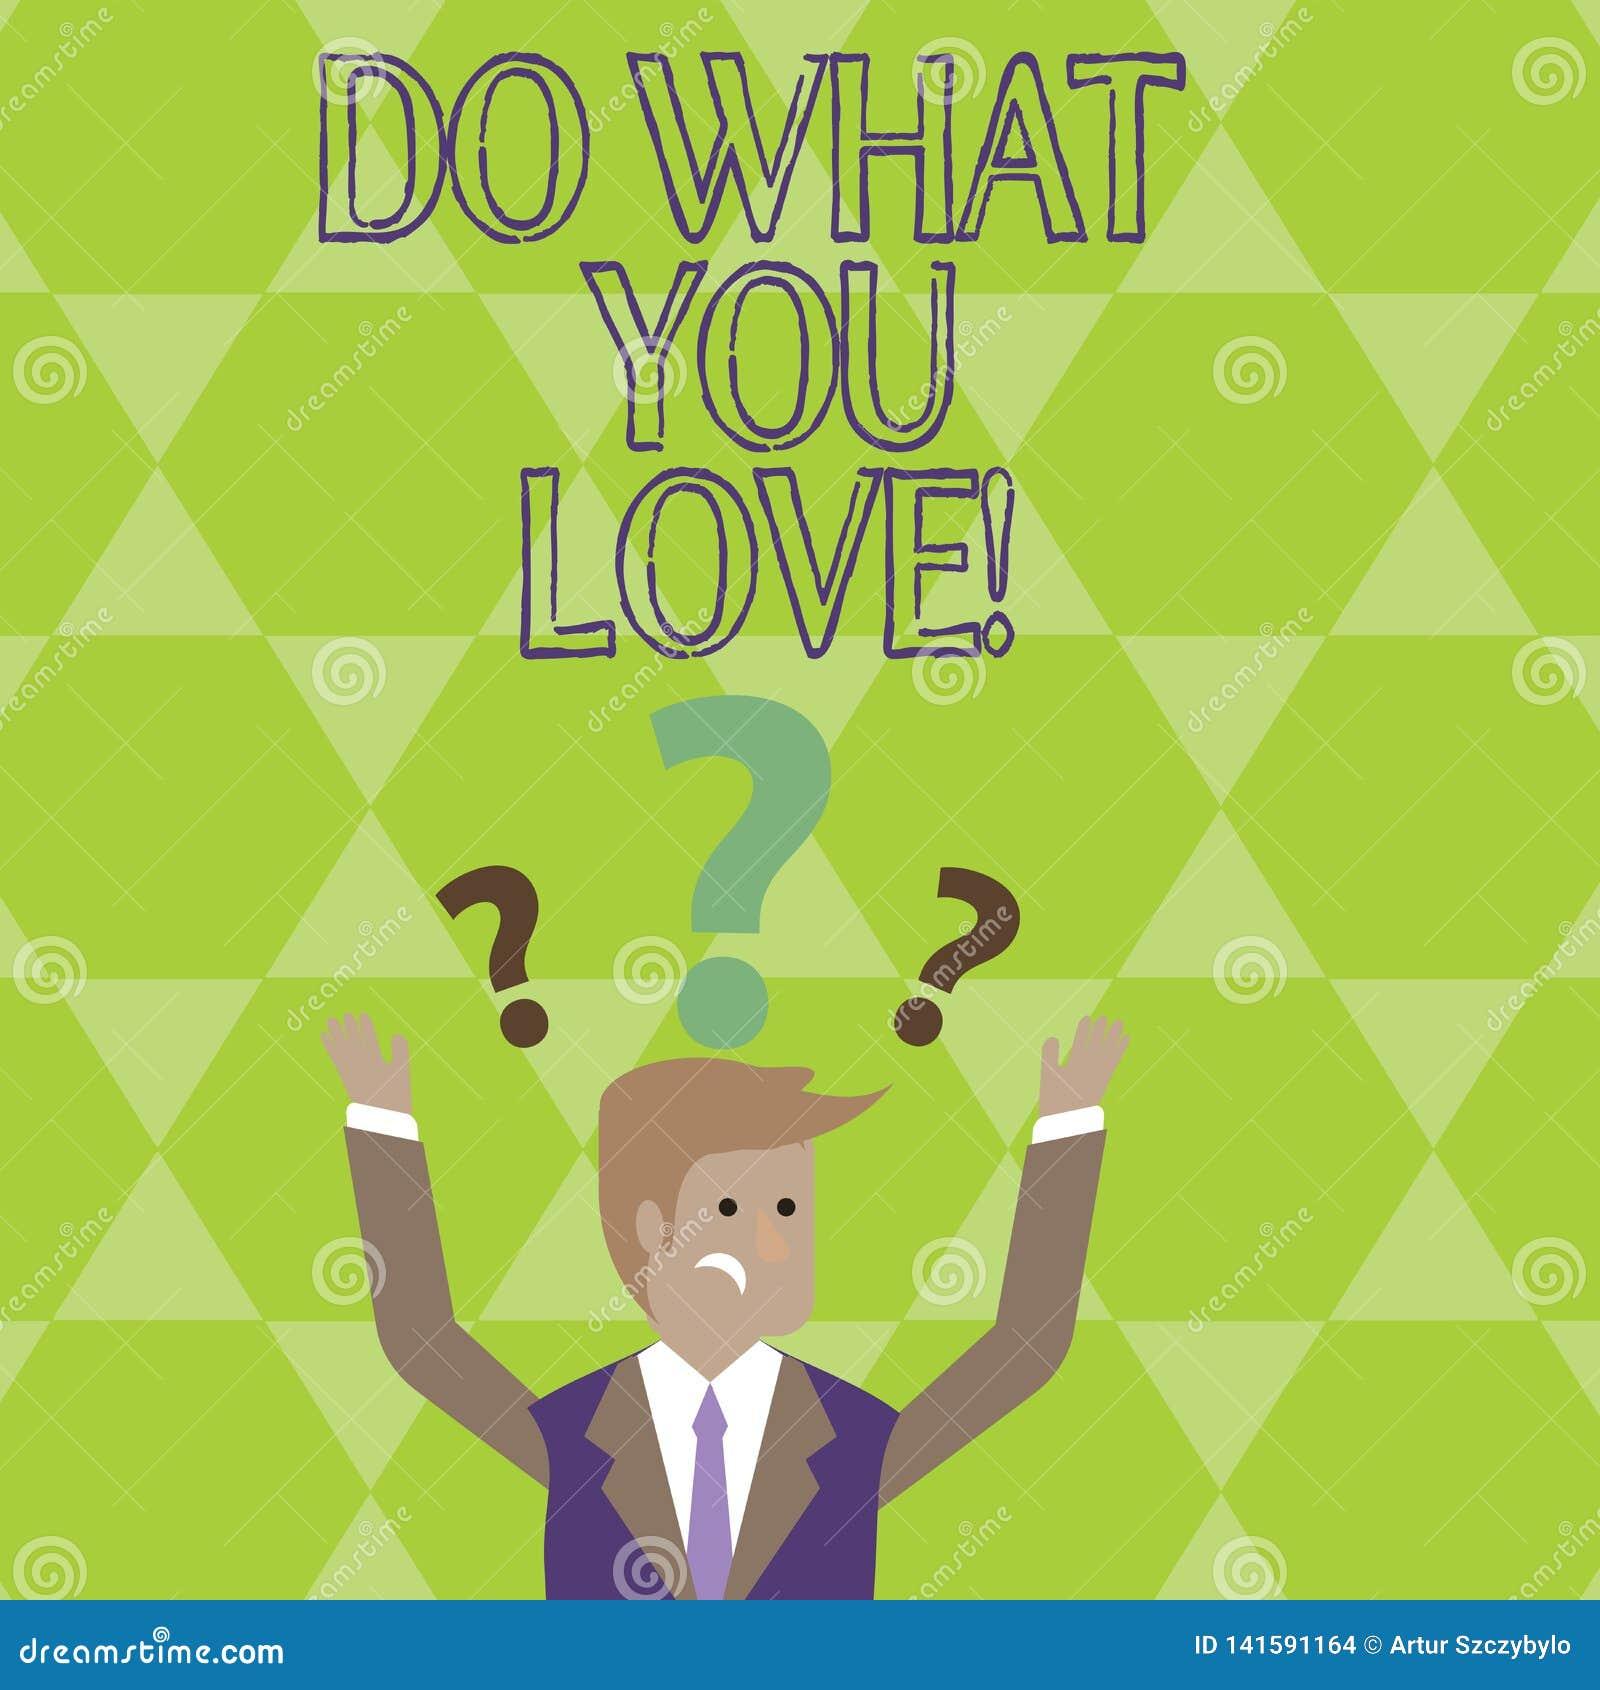 Den begreppsmässiga handhandstilvisningen gör vad du älskar Affärsfoto som ställer ut positiva Desire Happiness Interest Pleasure